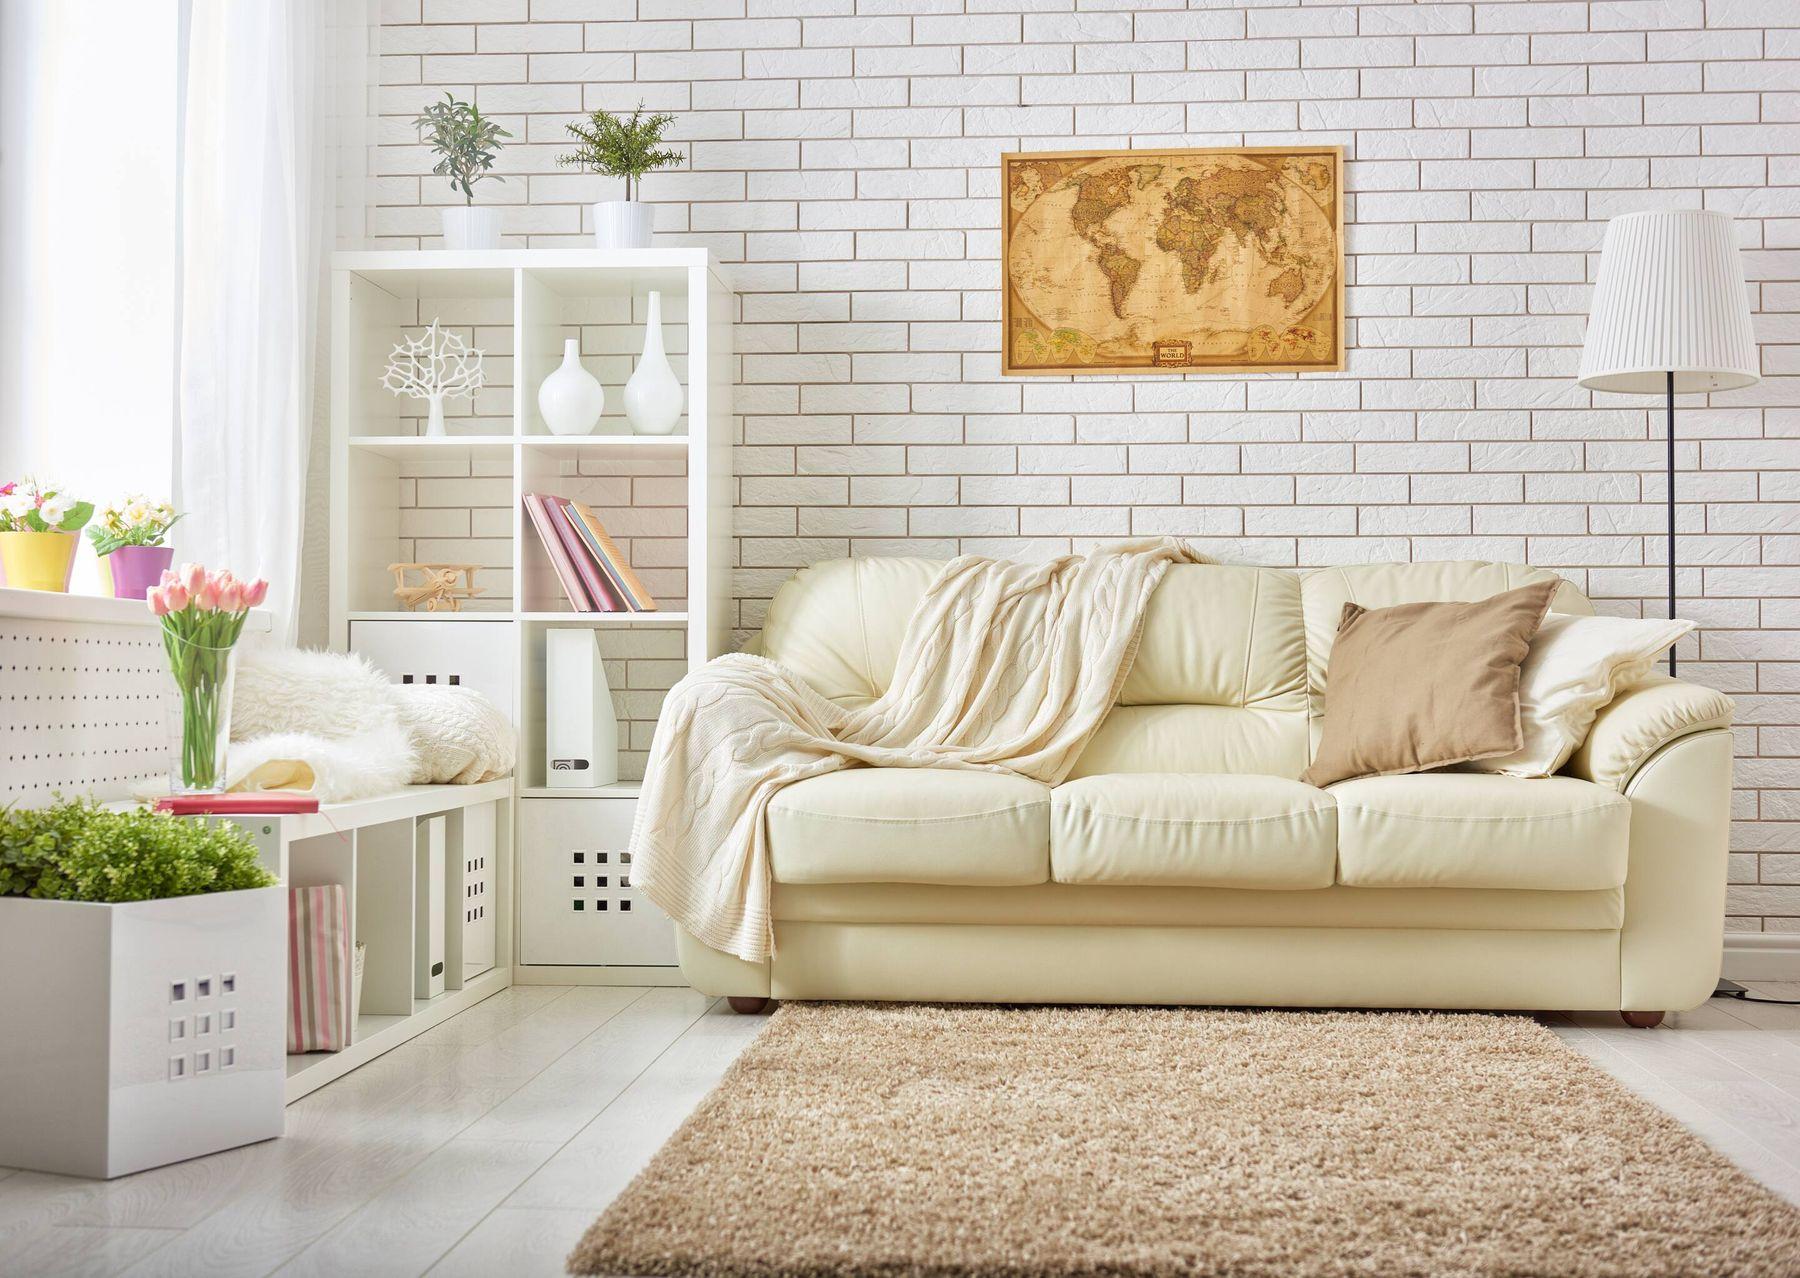 Cách giặt ghế sofa tại nhà nhanh chóng đơn giản và tiết kiệm thời gian cho bạn